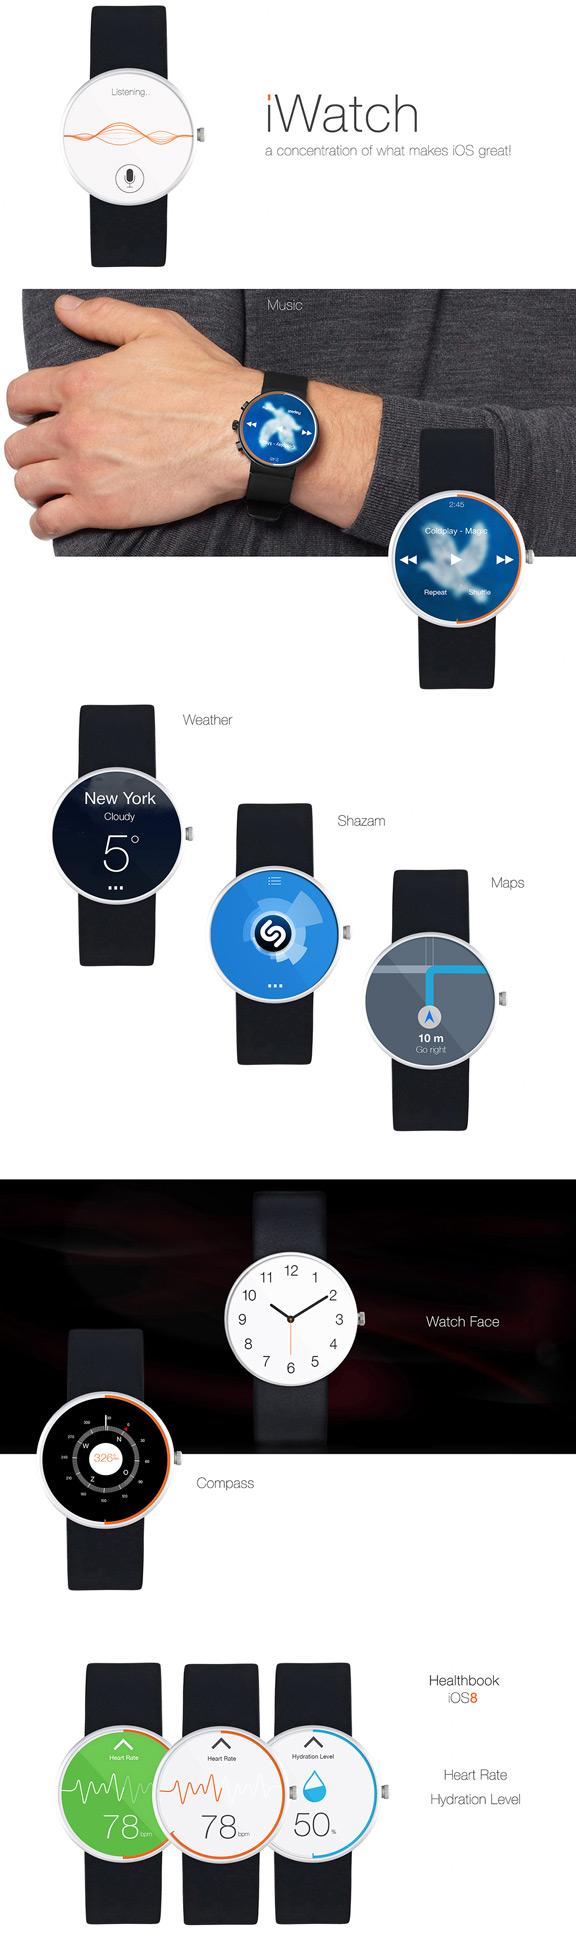 dizayner-sozdal-kontsept-iwatch-v-klassicheskom-dizayne-